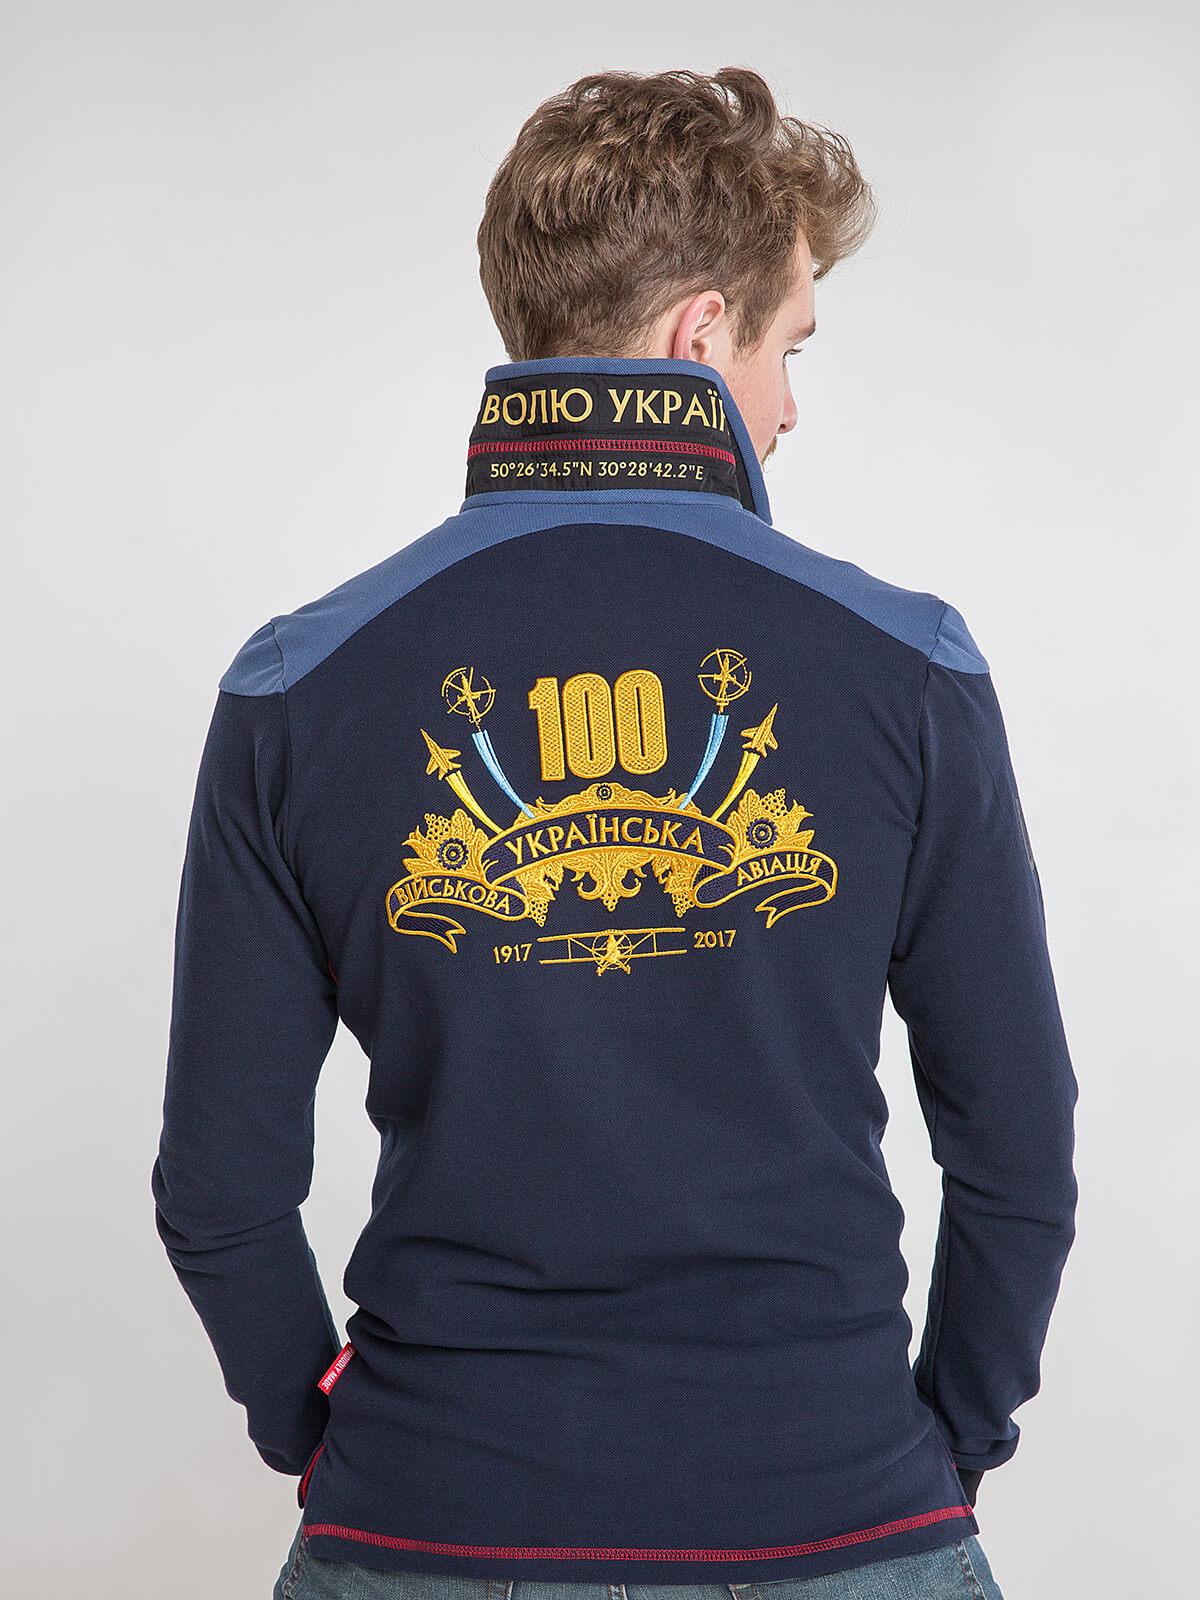 Чоловіче Поло-Лонґ 100 Років Української Авіації. Колір темно-синій.  Технологія нанесення зображень: вишивка, шовкодрук.